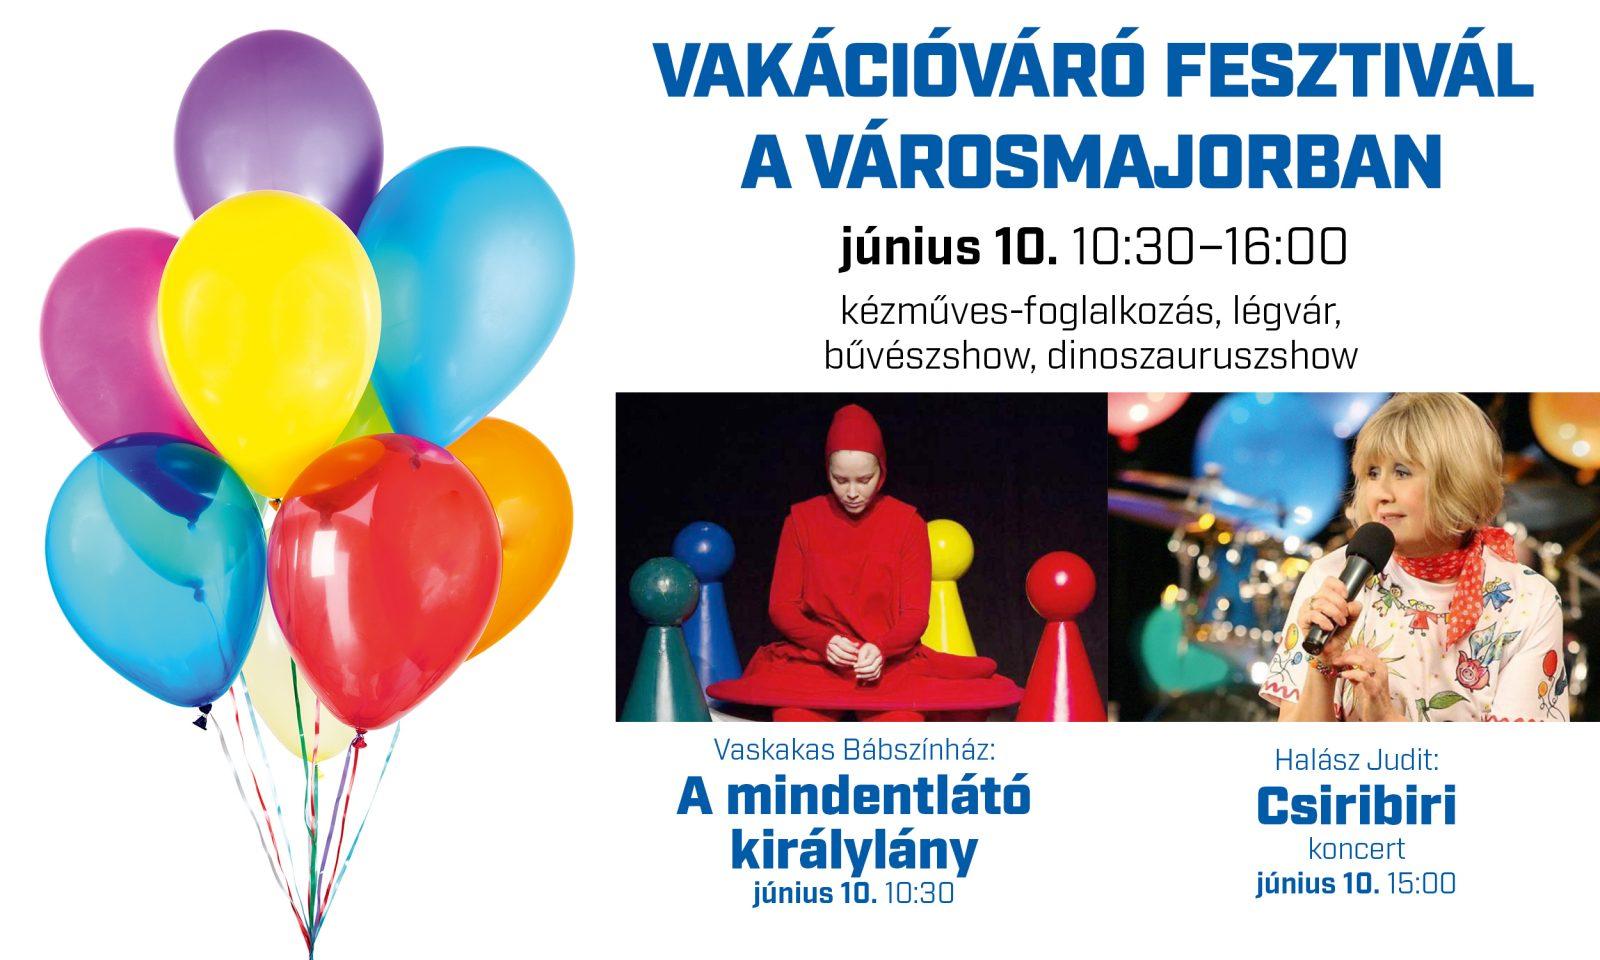 Vakációváró Fesztivál a Városmajorban –  nyárindító családi nap 2018. június 10-én vasárnap